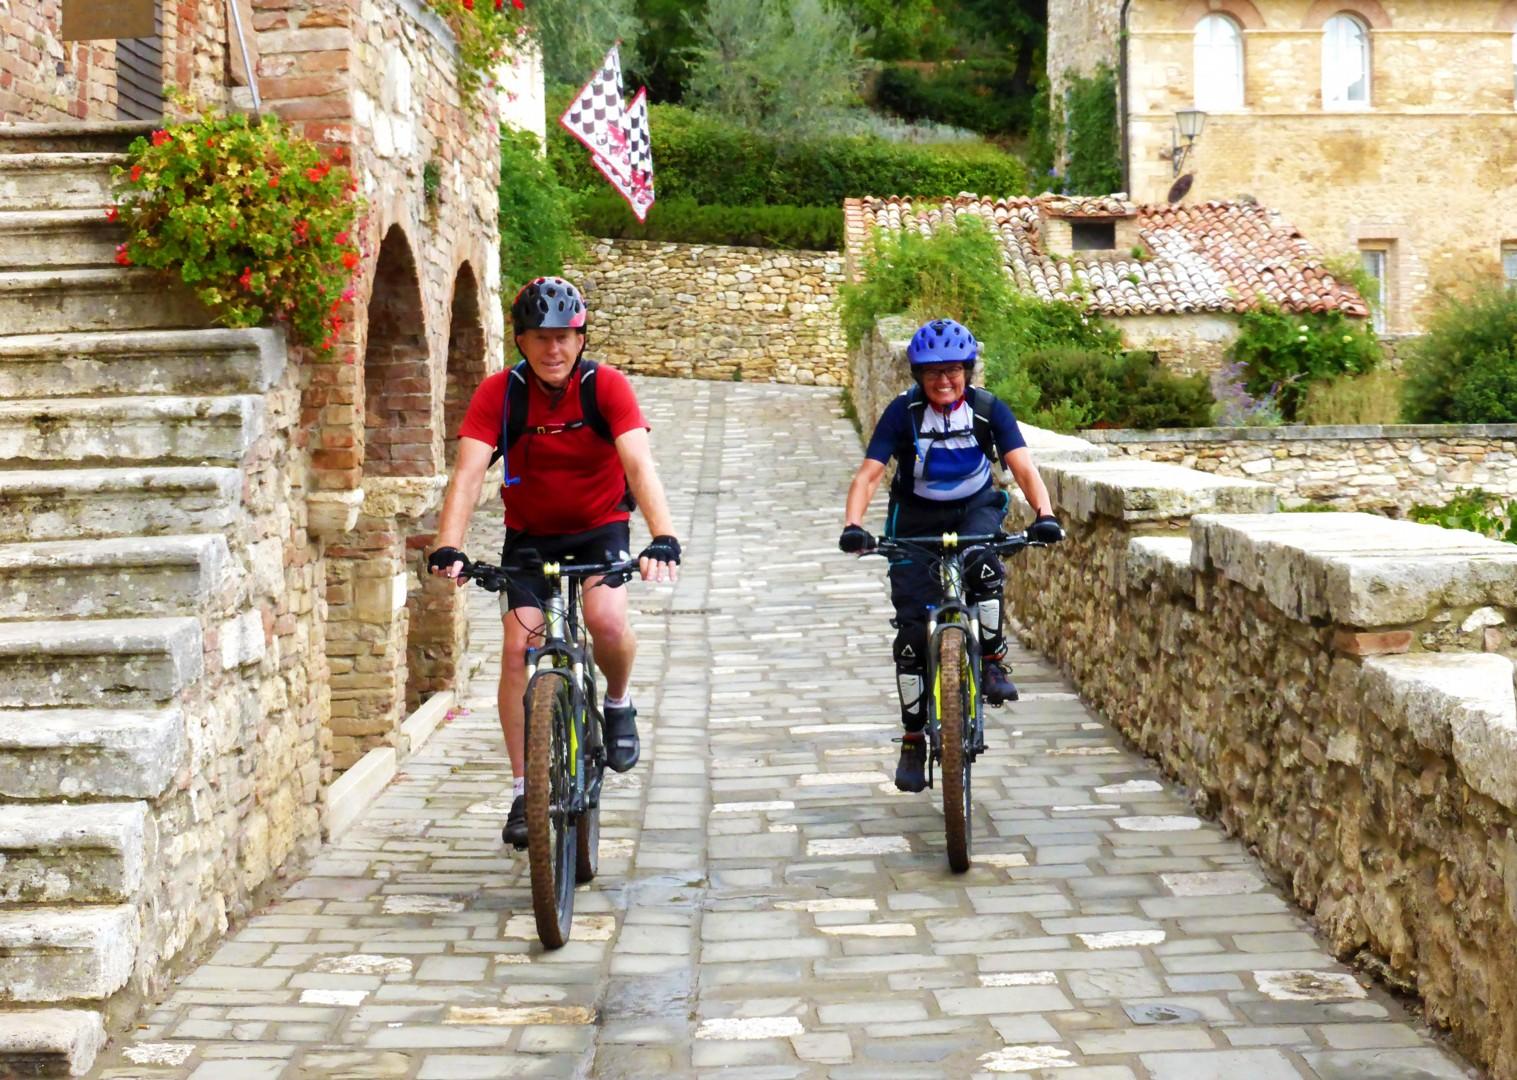 Foto 11-09-17, 09 22 46.jpg - Italy - Via Francigena (Tuscany to Rome) - Guided Mountain Biking Holiday - Italia Mountain Biking